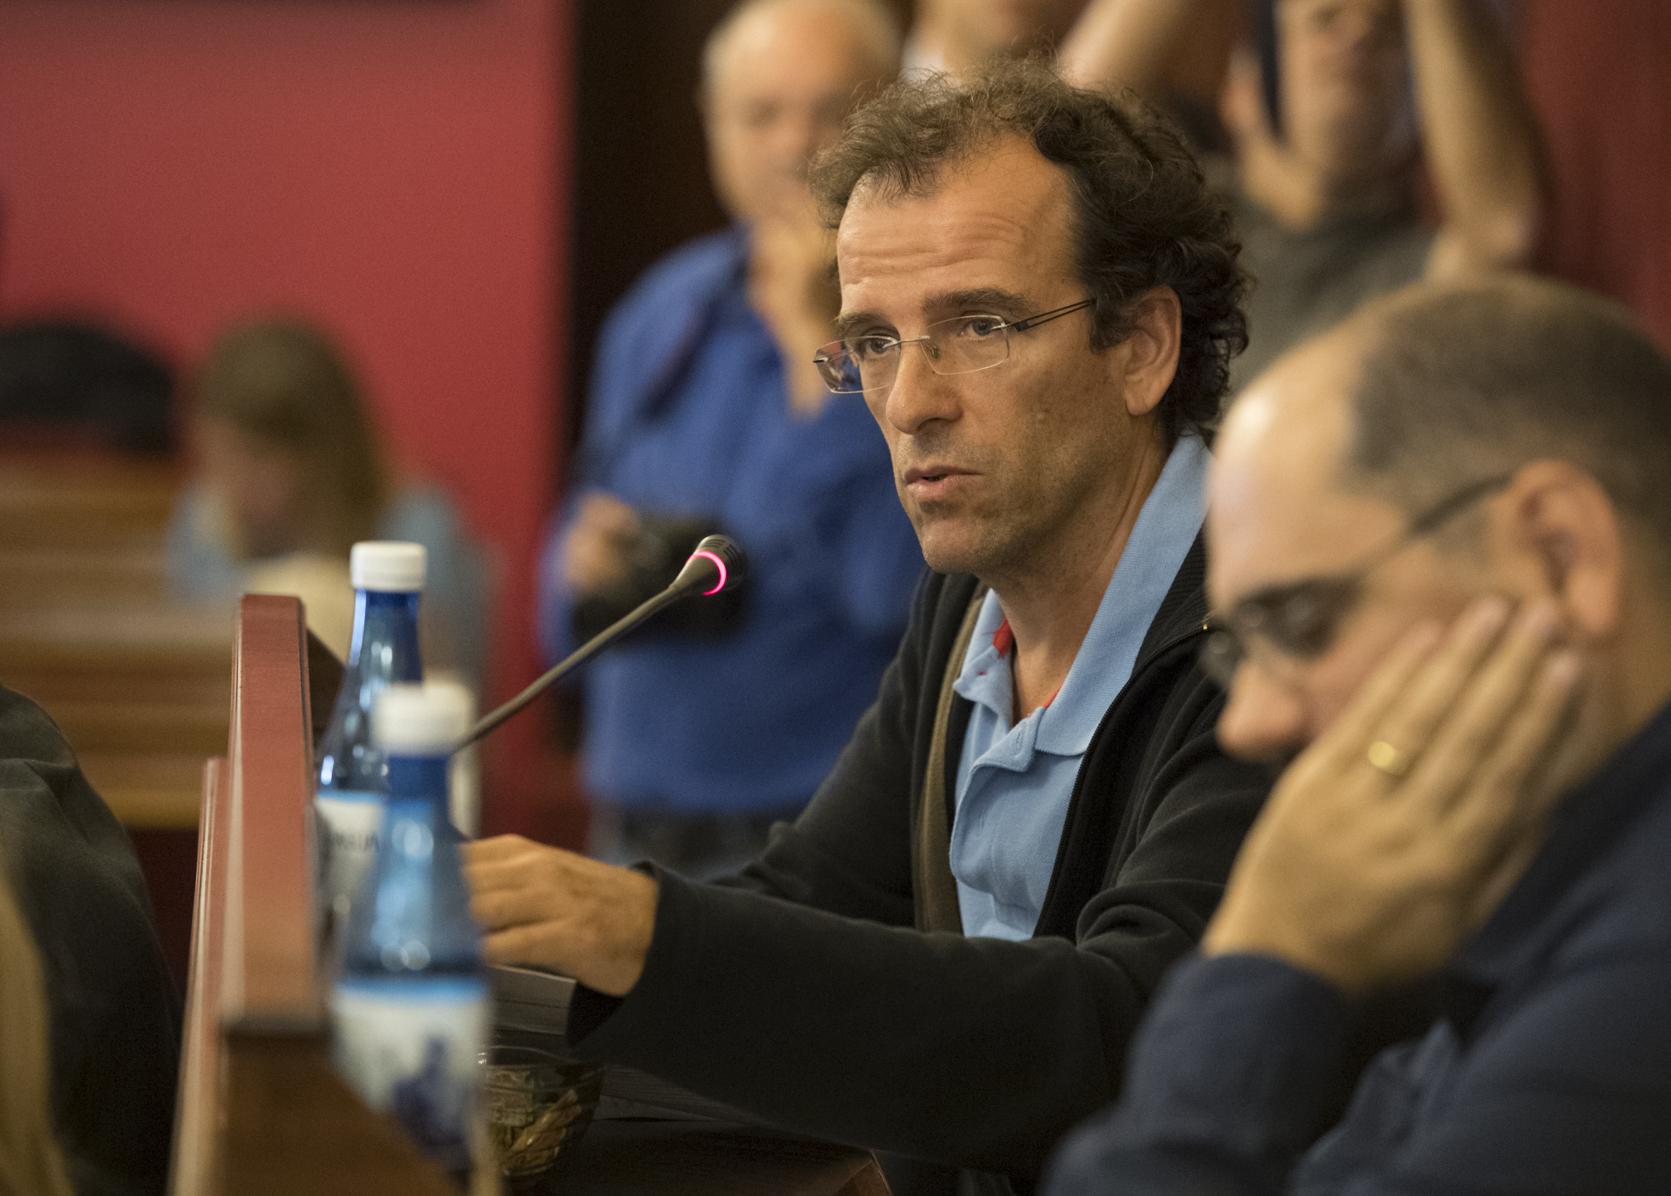 Vallejo Considera L'esborrany De Pressupostos De Diputació «un Exemple Més Del Clientelisme D'una Institució Que Cal Eliminar»